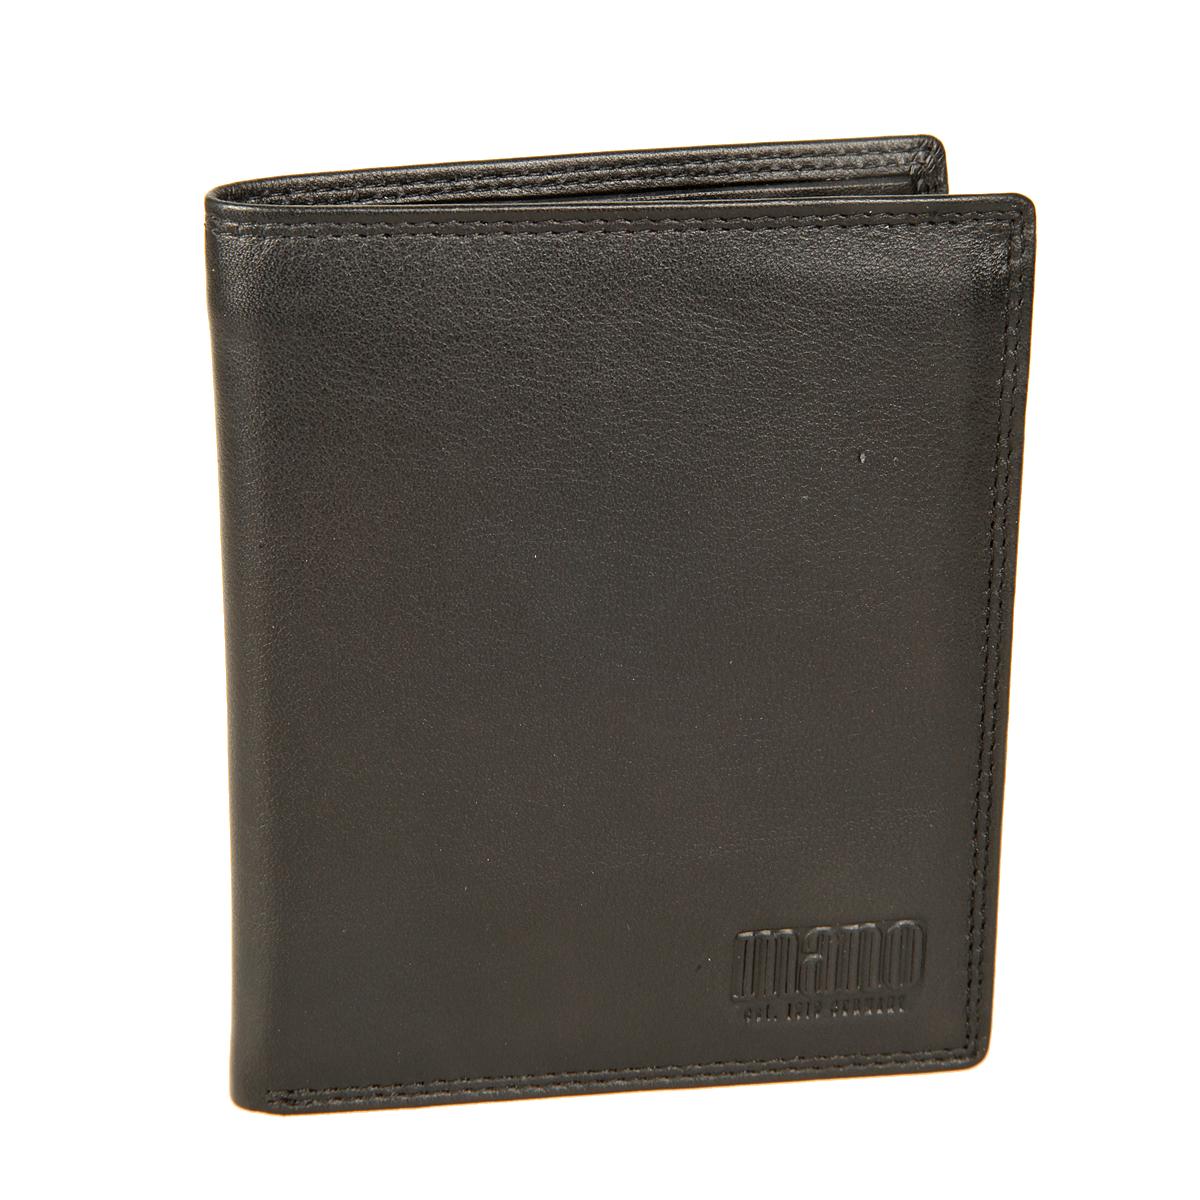 Портмоне мужское Mano, цвет: черный. 19018EQW-M710DB-1A1Стильное мужское портмоне Mano выполнен из натуральной кожи и оформлено логотипом бренда. Внутри - два отделения для купюр, карман для мелочи с клапаном на кнопке, три потайных кармана, карман с сетчатой вставкой и десять отделений для пластиковых и визитных карт. Портмоне Mano станет яркой деталью, которая выгодно подчеркнет ваш стильный неповторимый образ. Портмоне упаковано в фирменную коробку с логотипом бренда.